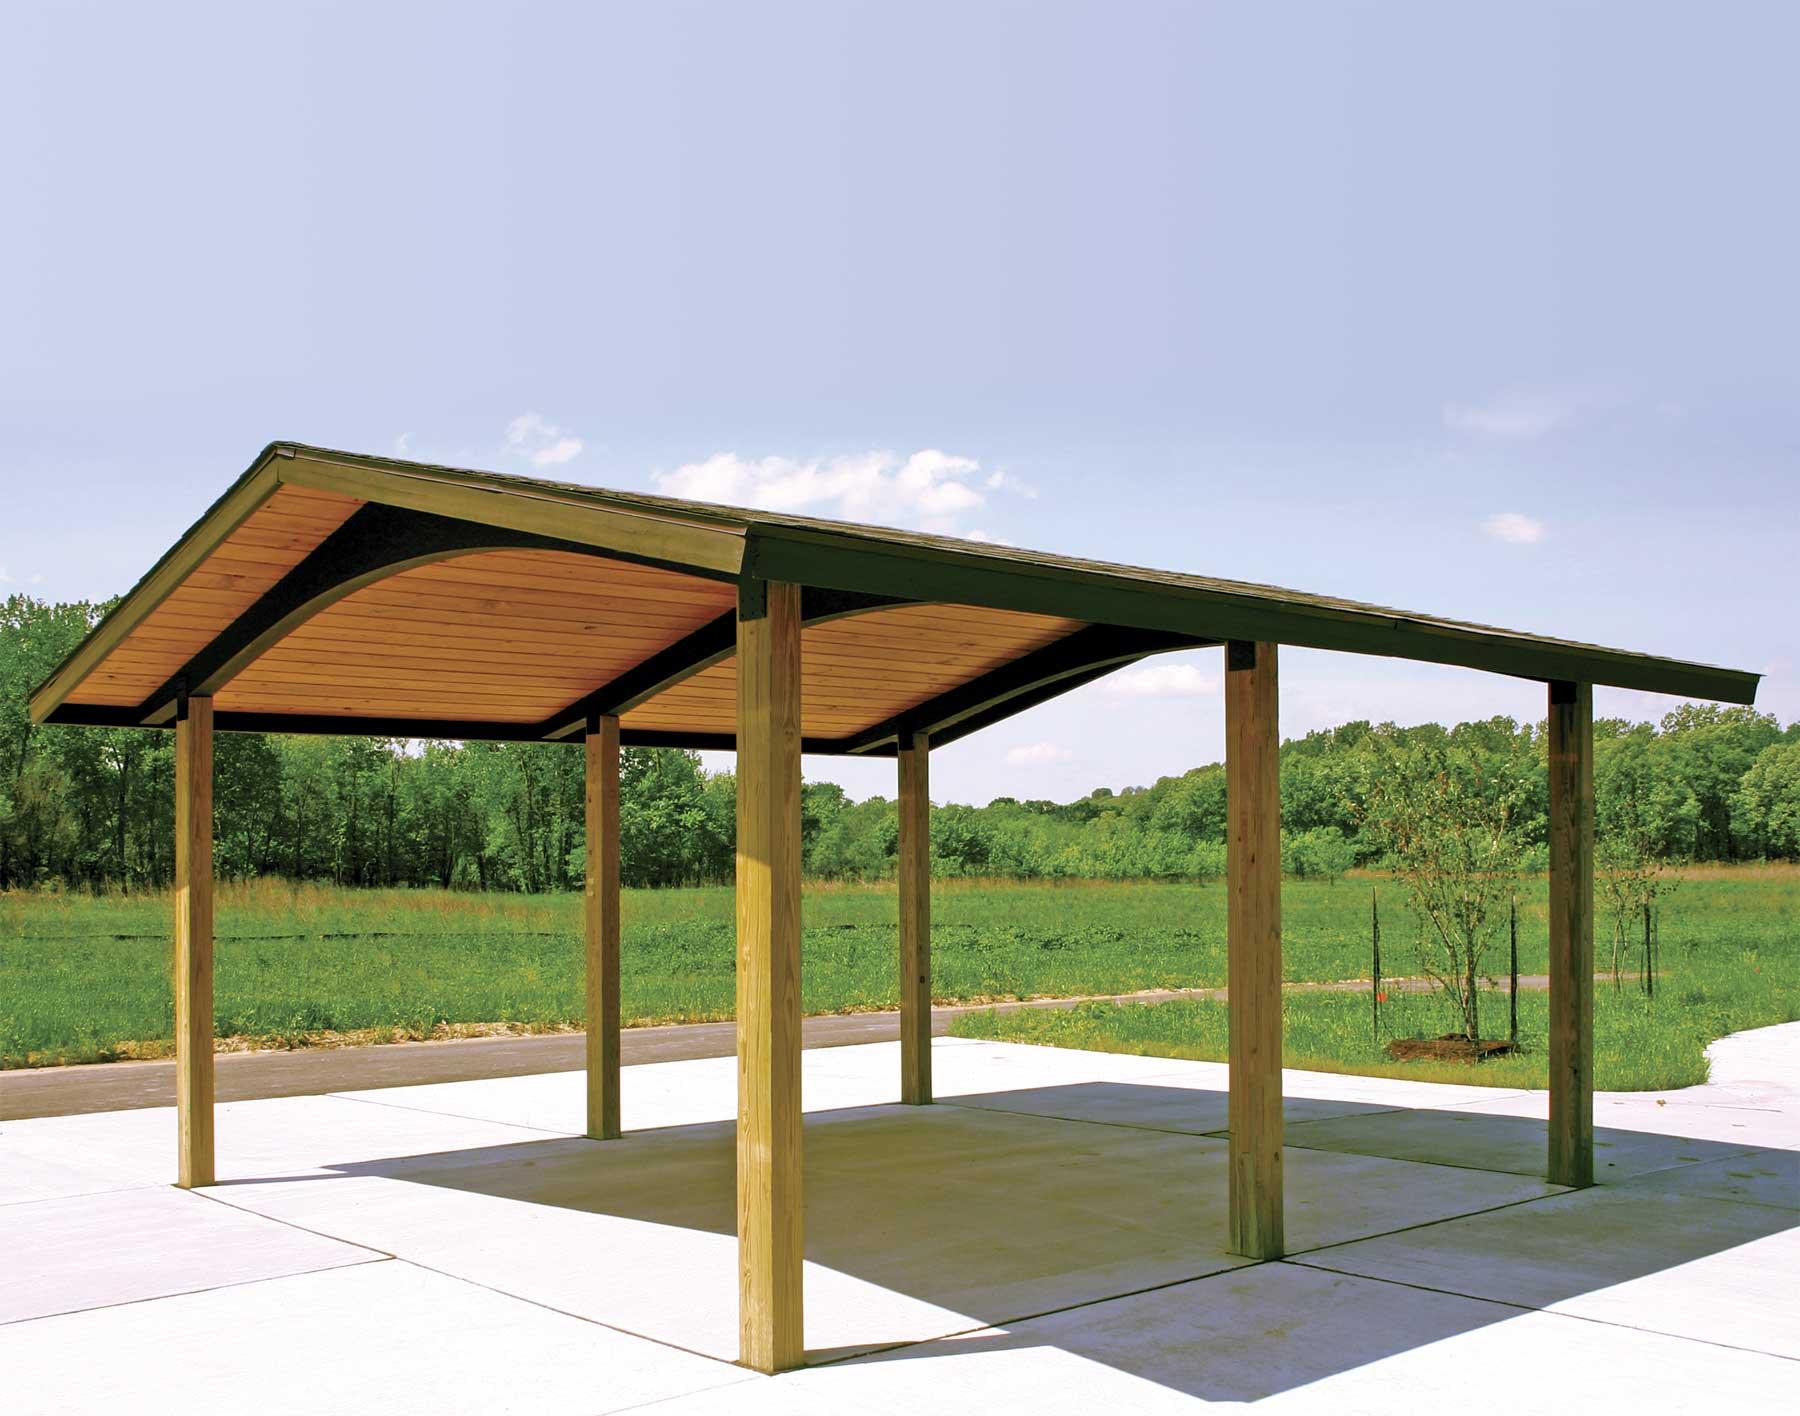 Wood Single Roof Savannah Rectangle Pavilions